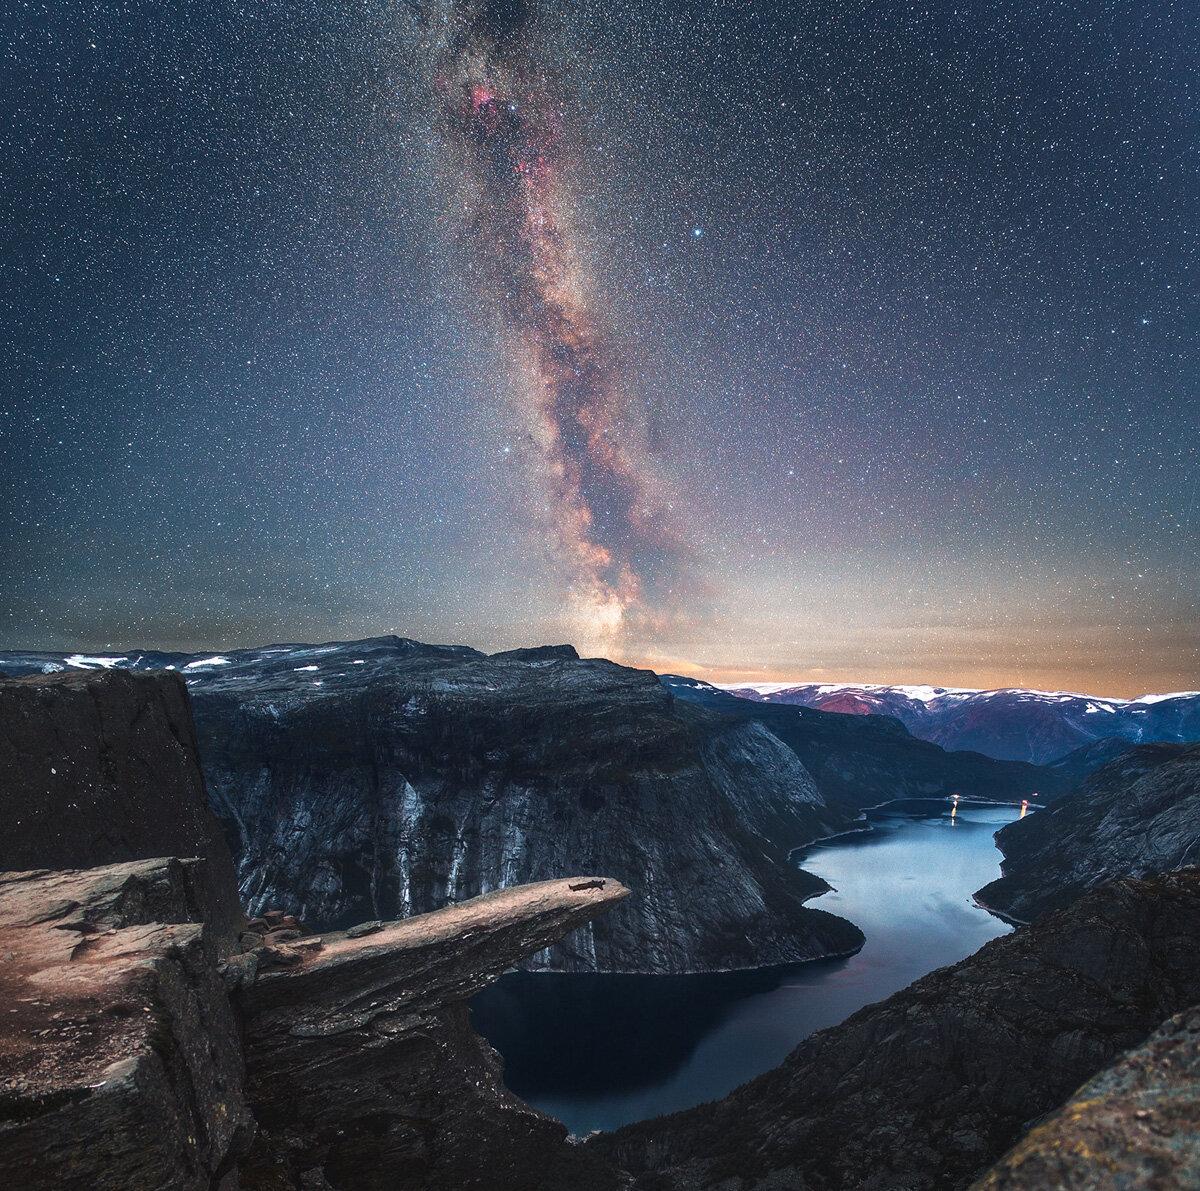 Завораживающие картинки космос